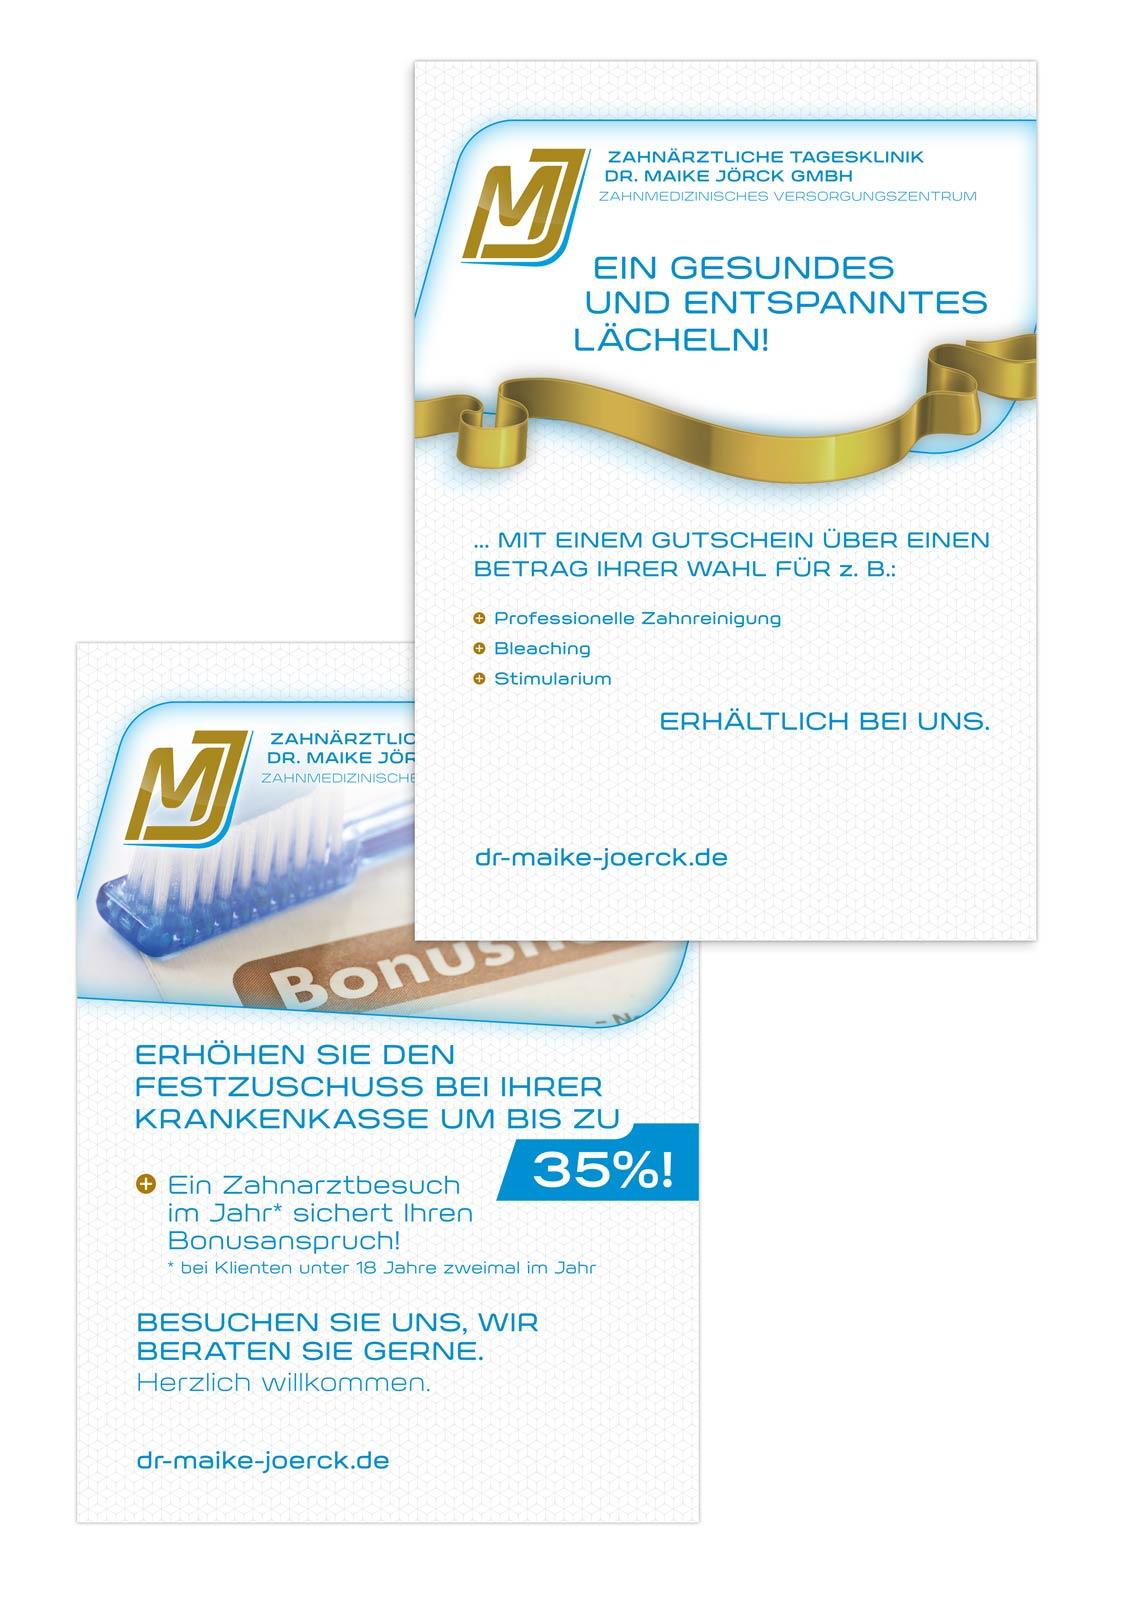 Zahnärztliche Tagesklinik Dr. Maike Jörck GmbH: Werbeplakate